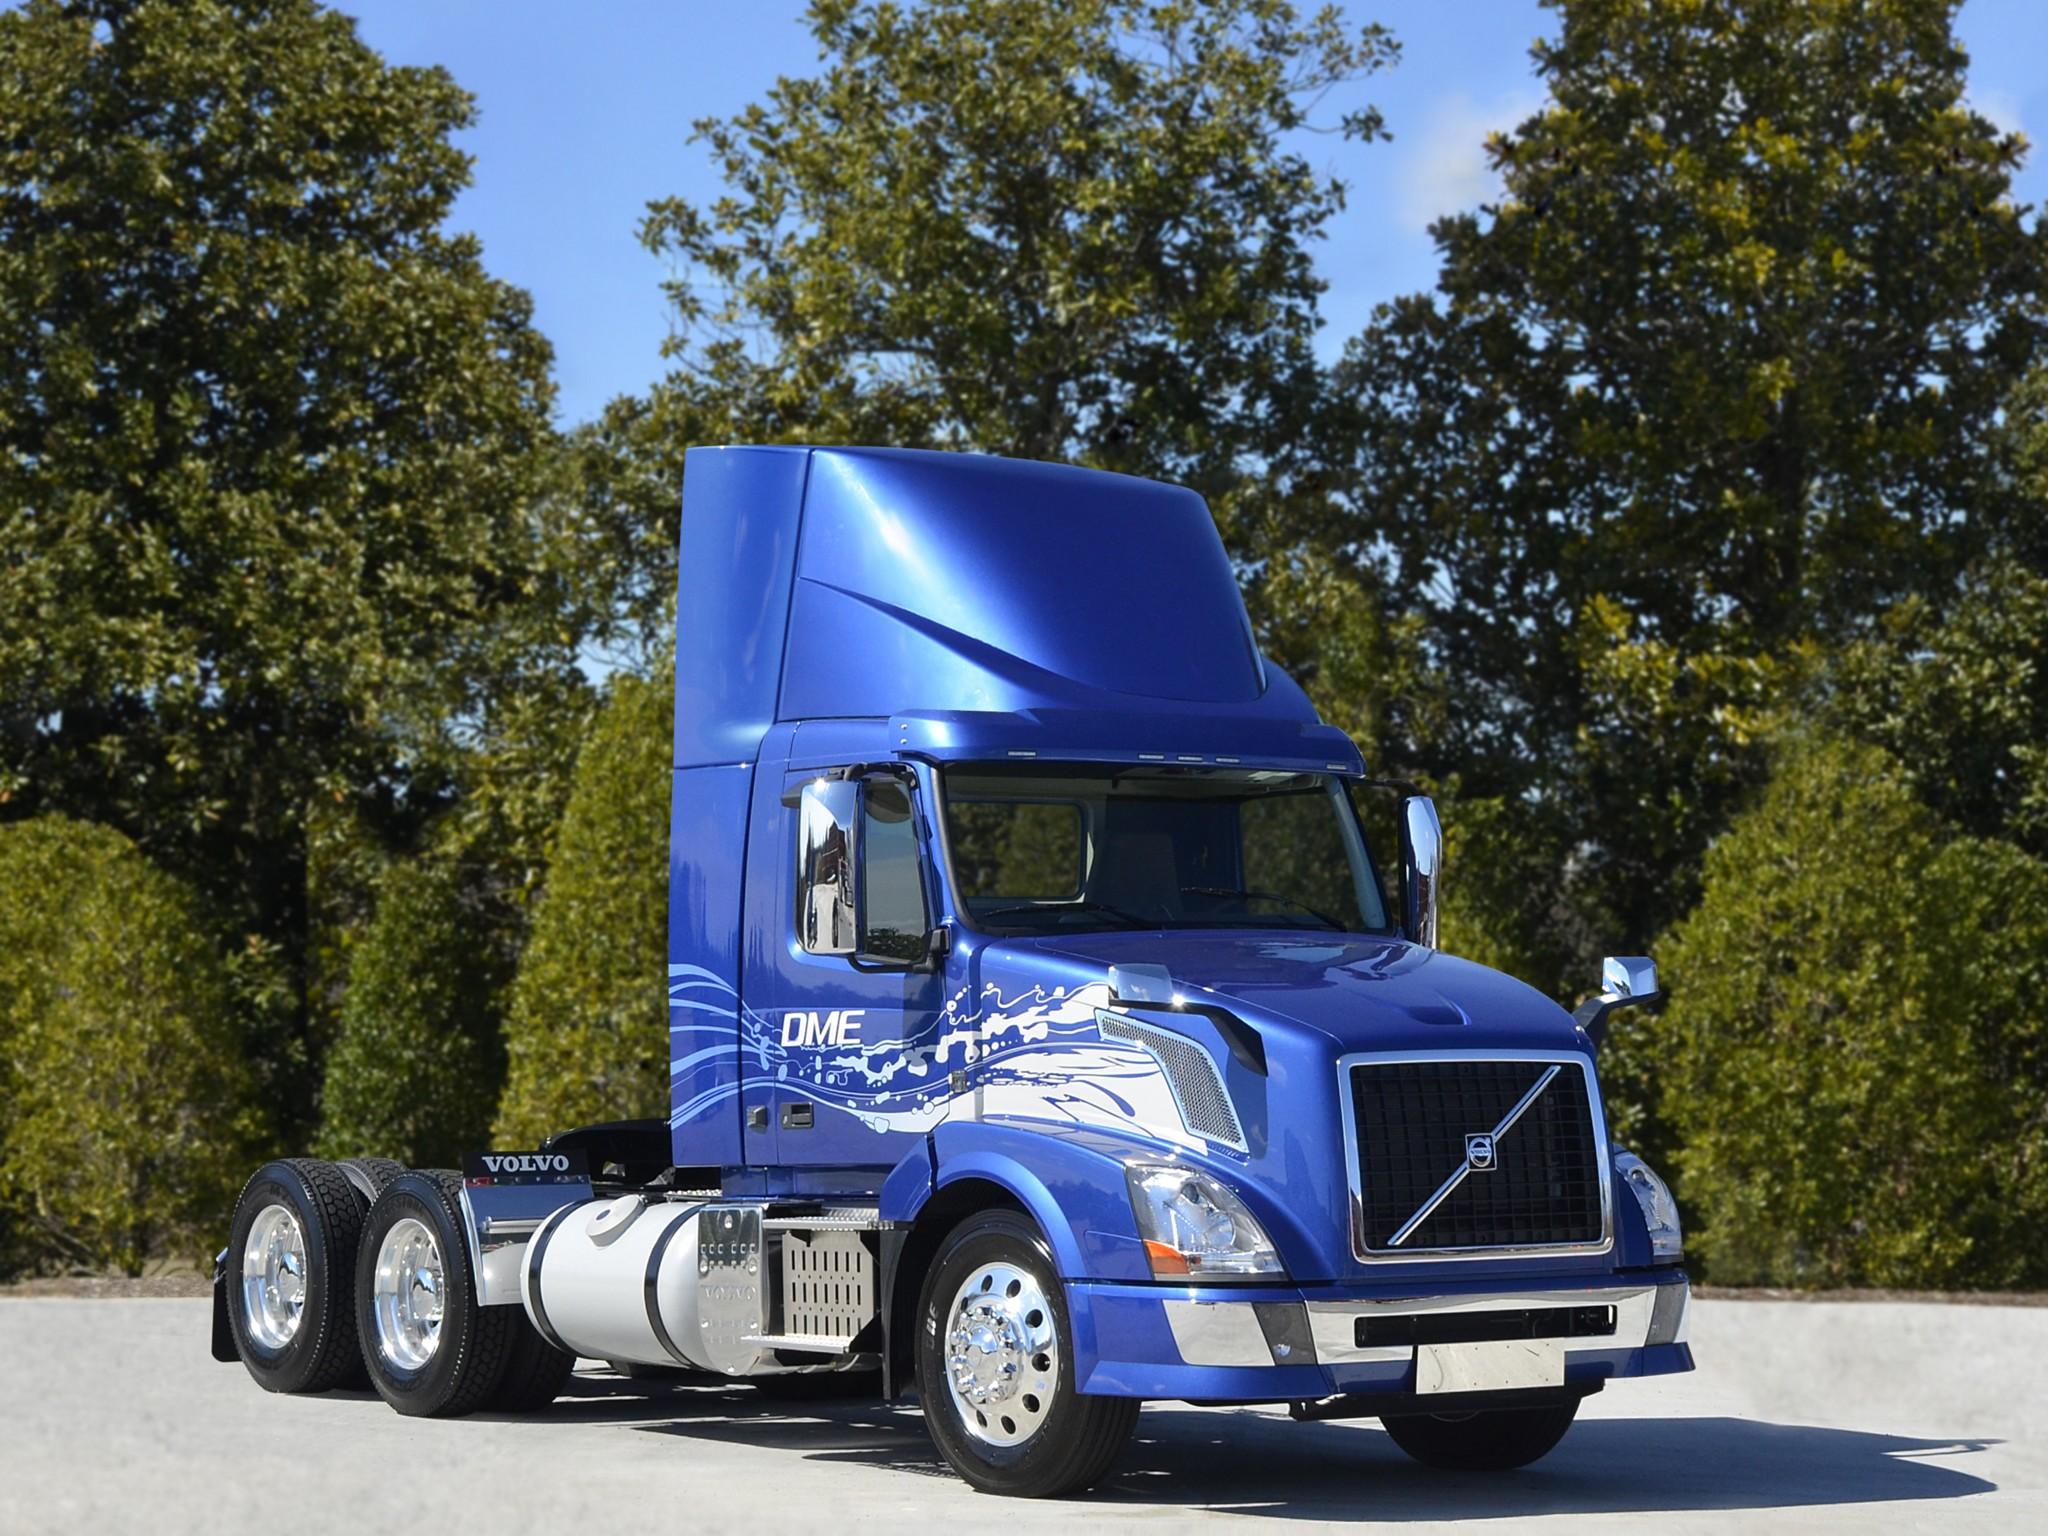 2013 volvo vnl 300 dme semi tractor rig rigs truck transport wallpaper 2048x1536 116347 - Volvo vnl wallpaper ...